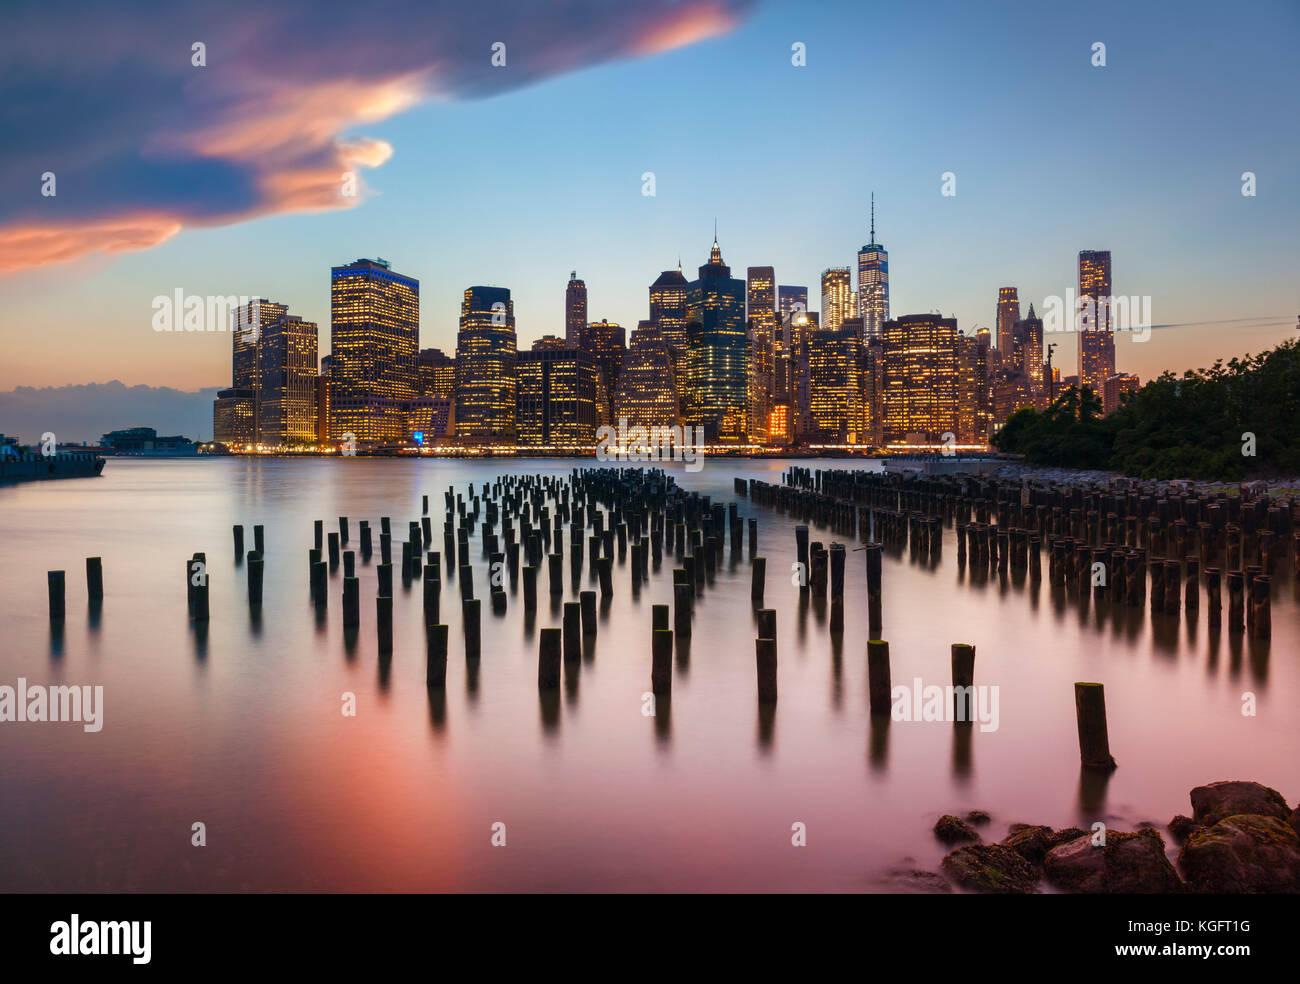 Manhattan Skyline New York Skyline stürmischen Sonnenuntergang Himmel über die Wolkenkratzer mit Brooklyn alte Pier 1 Holz-pilings New York City New York State USA Stockfoto